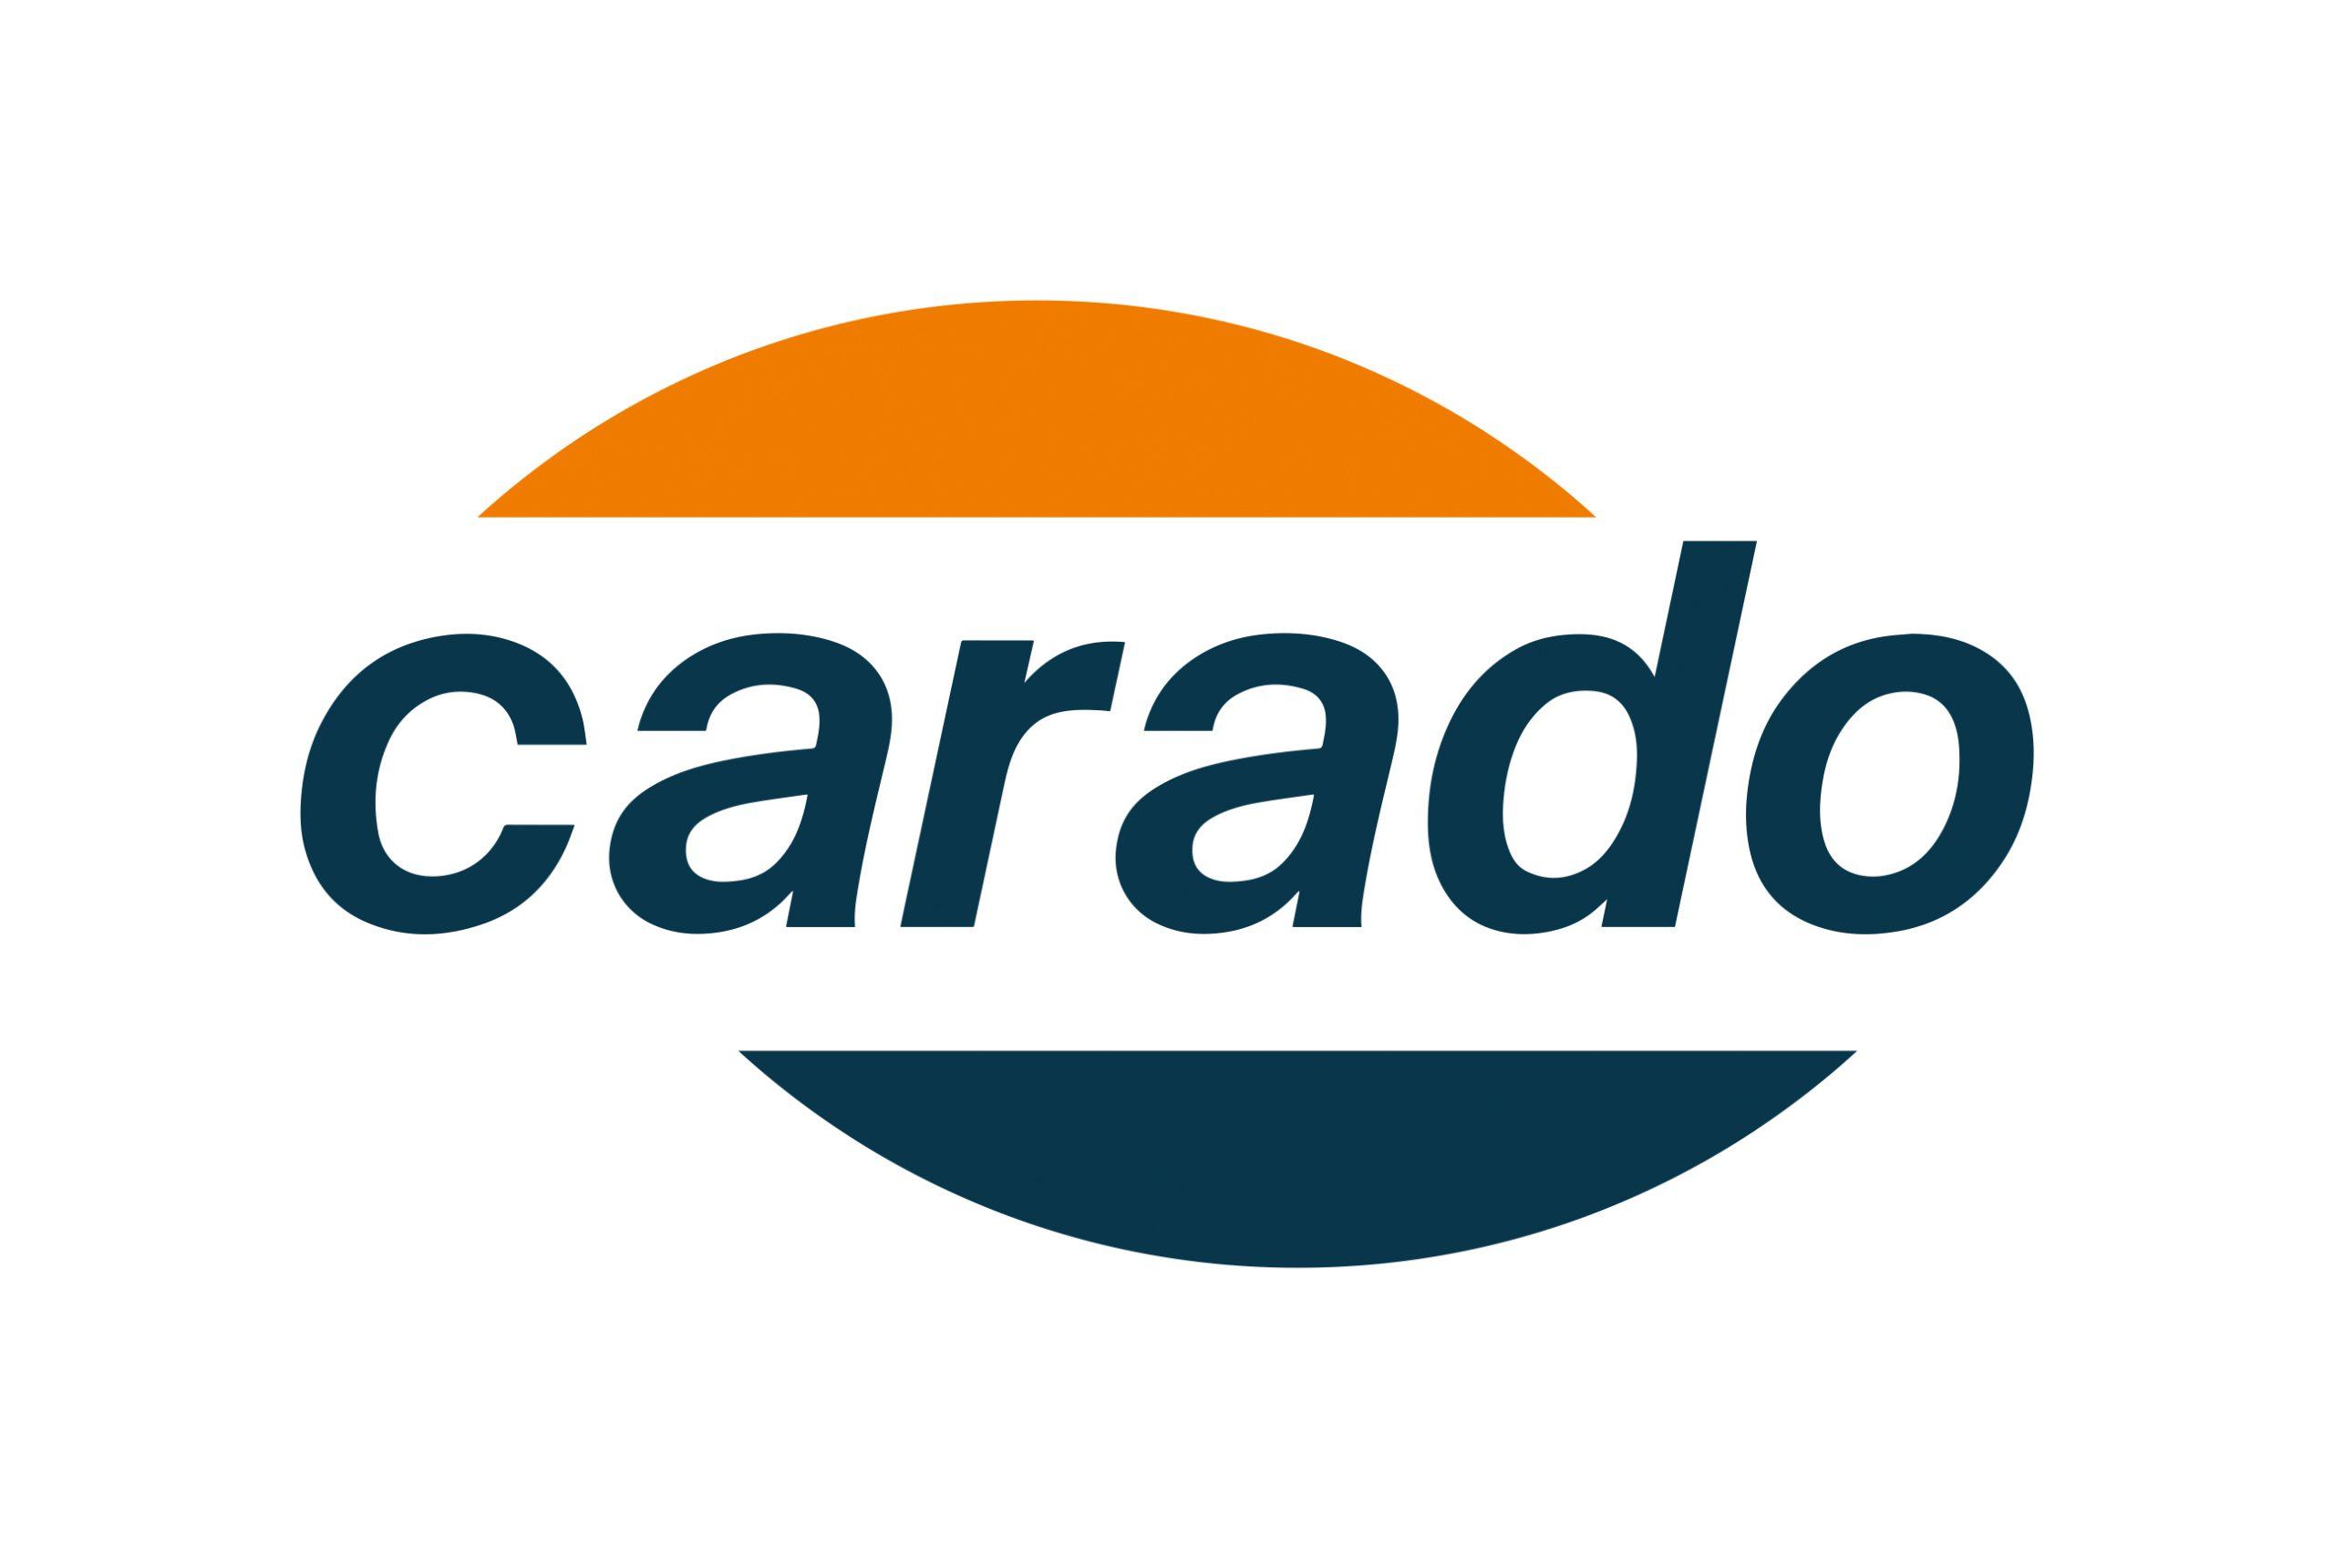 logo_carado.indd